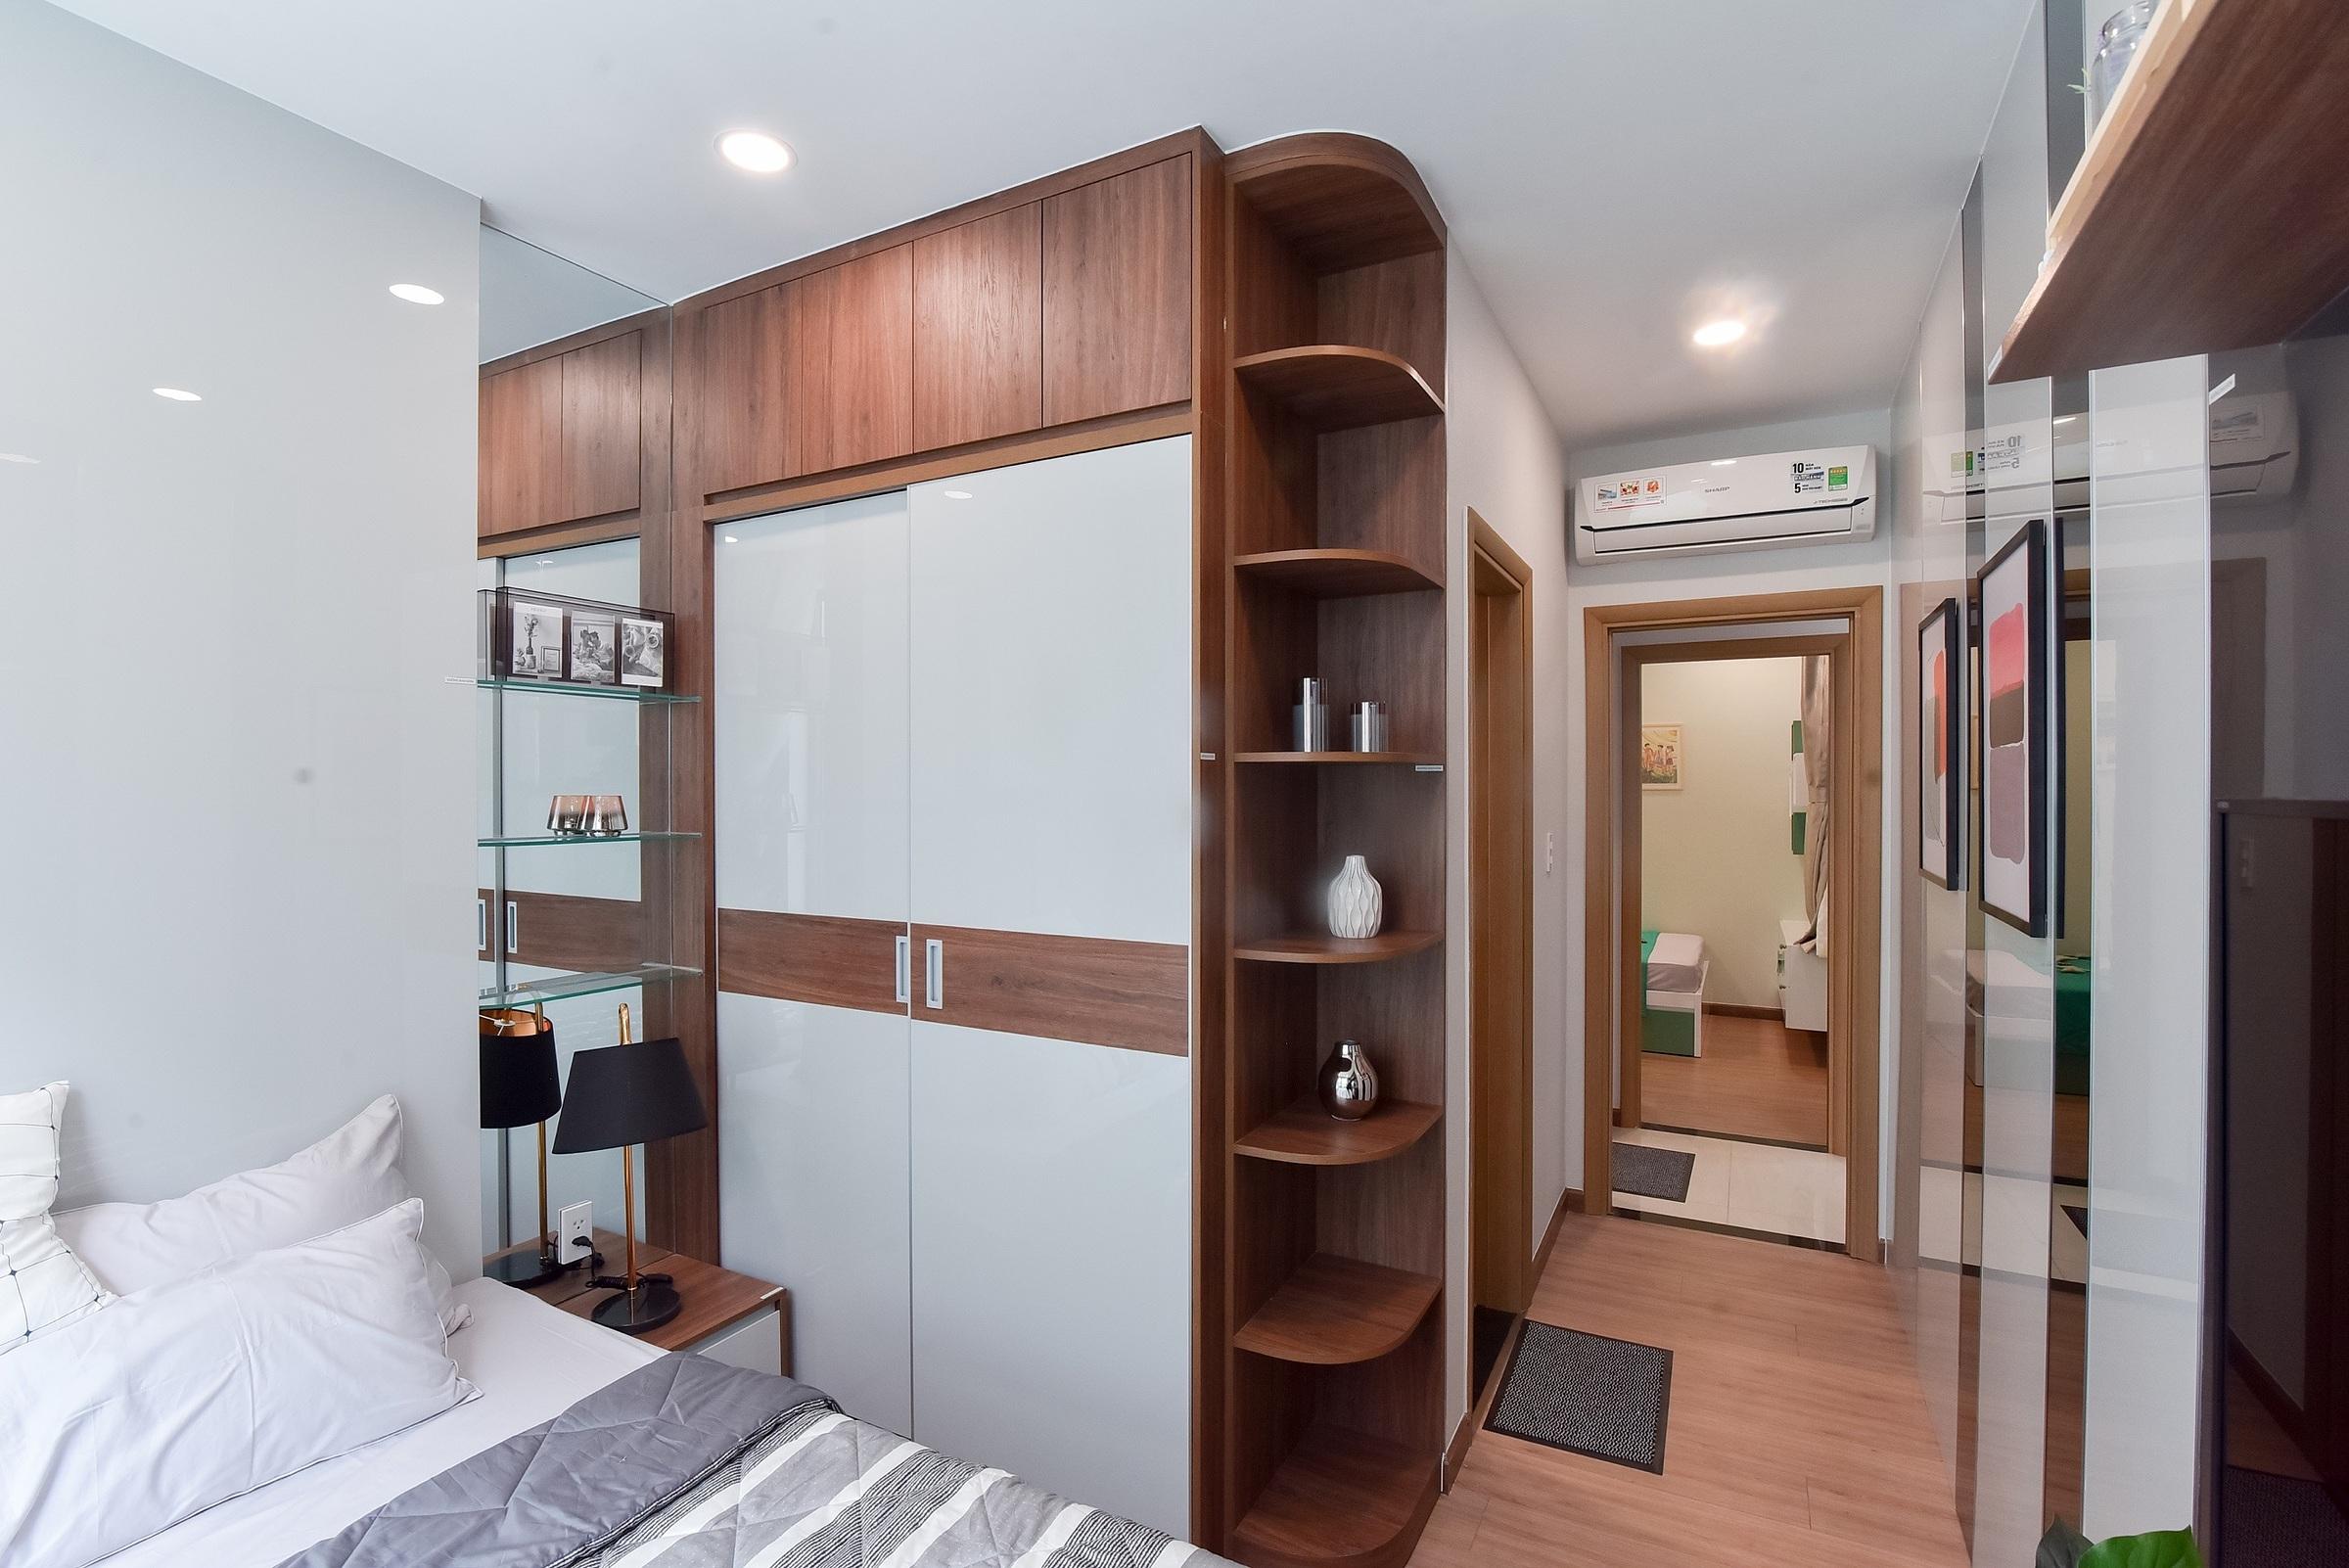 Với diện tích khoảng 50 m2, các căn hộ tại dự án Bcons Sala vẫn có thiết kế đầy đủ hai phòng ngủ, hai nhà vệ sinh và ban công.